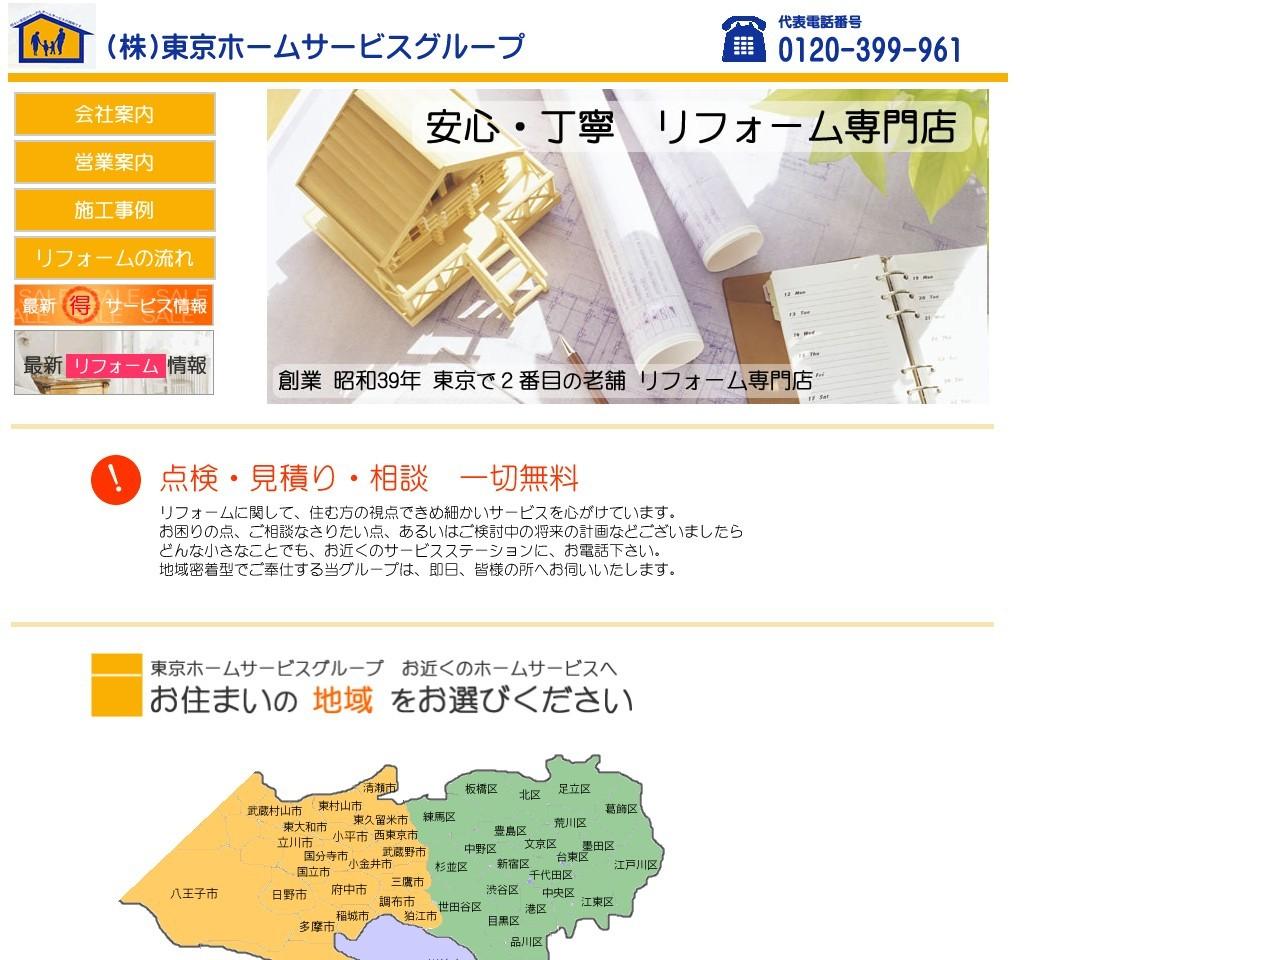 株式会社東京ホーム建材機器